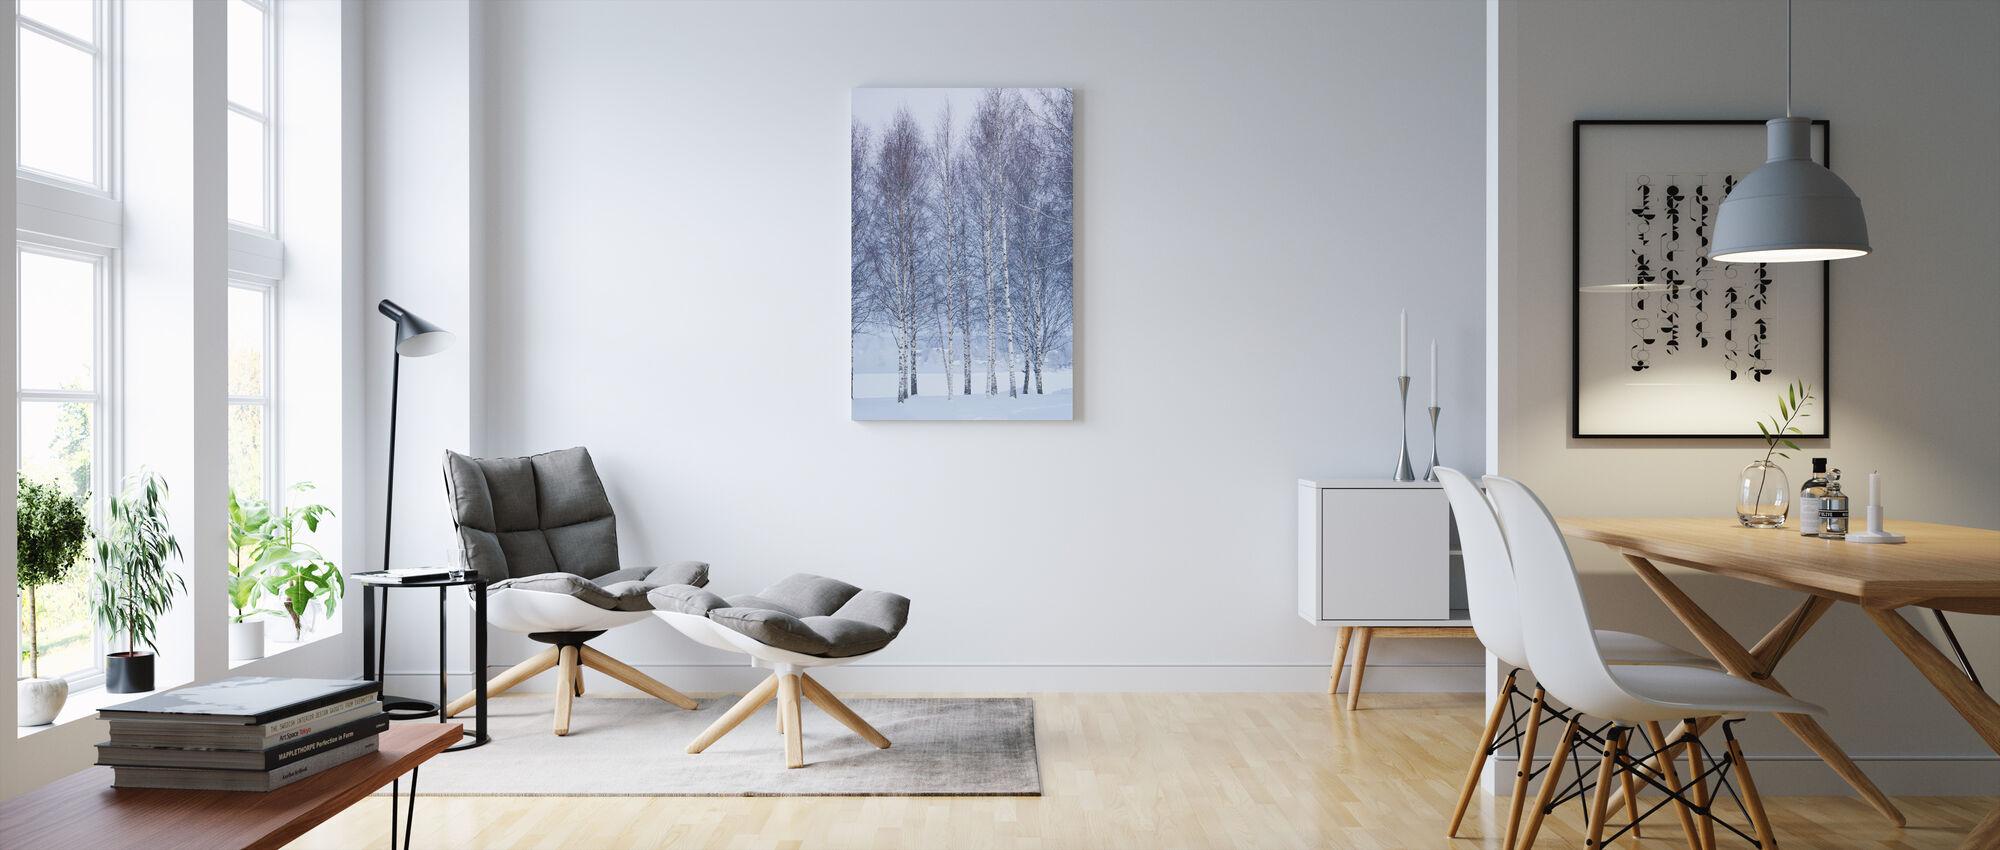 Talvi Koivu Mora, Ruotsi - Canvastaulu - Olohuone